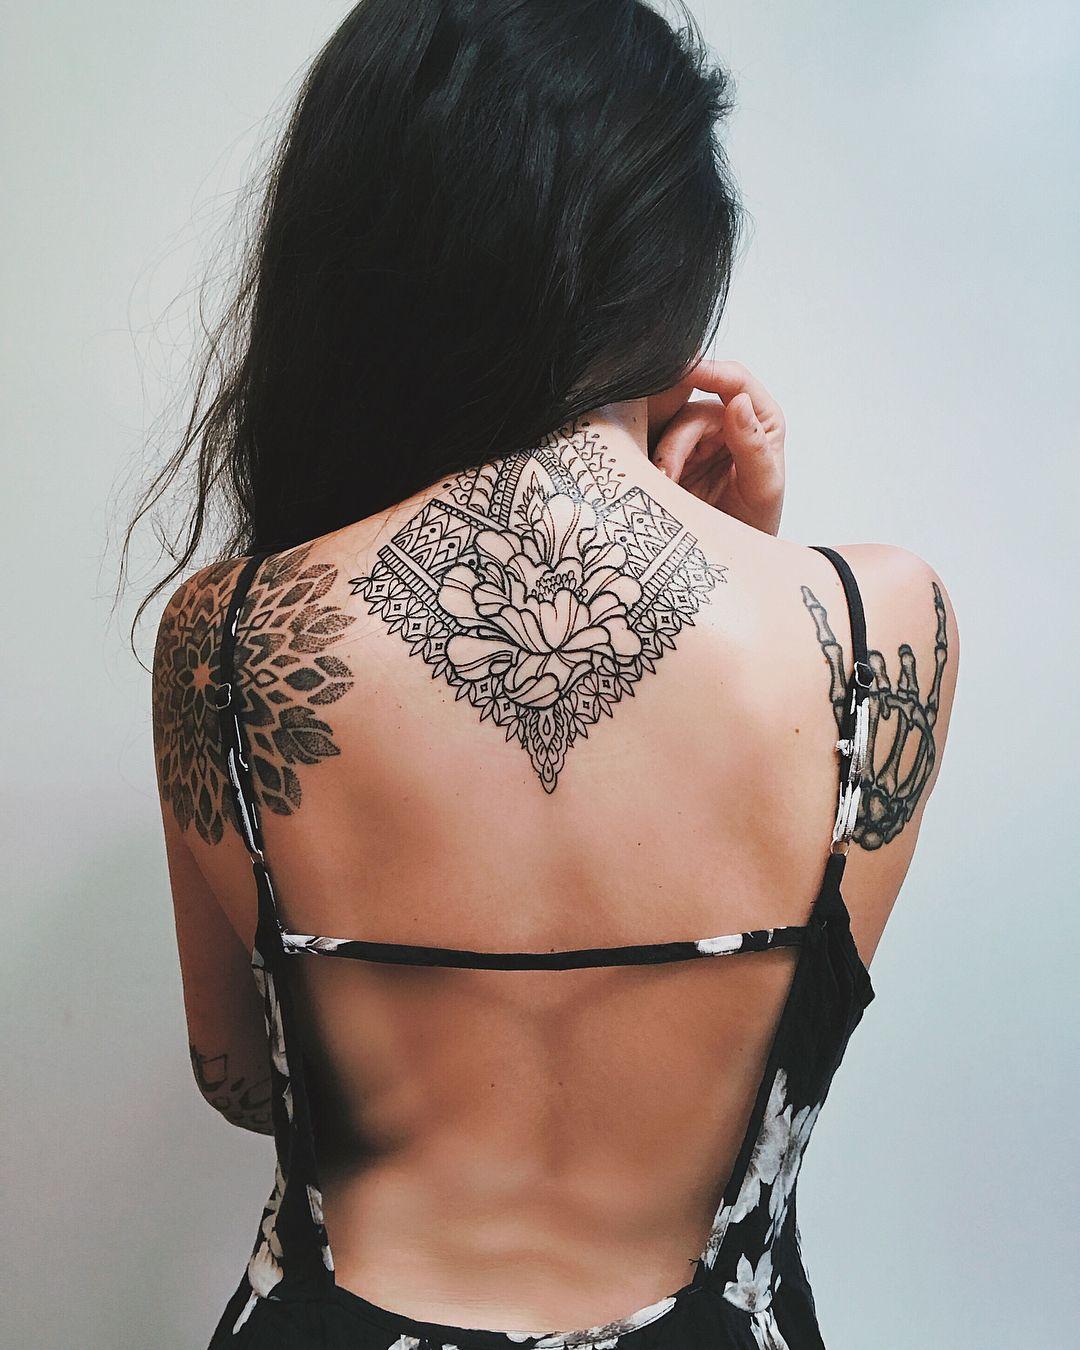 Neck Tattoos For Women Back Of Neck Tattoo Geometric Tattoo Tattoos Blackwork Linework Tattooed Inked Tat Neck Tattoos Women Back Of Neck Tattoo Tattoos